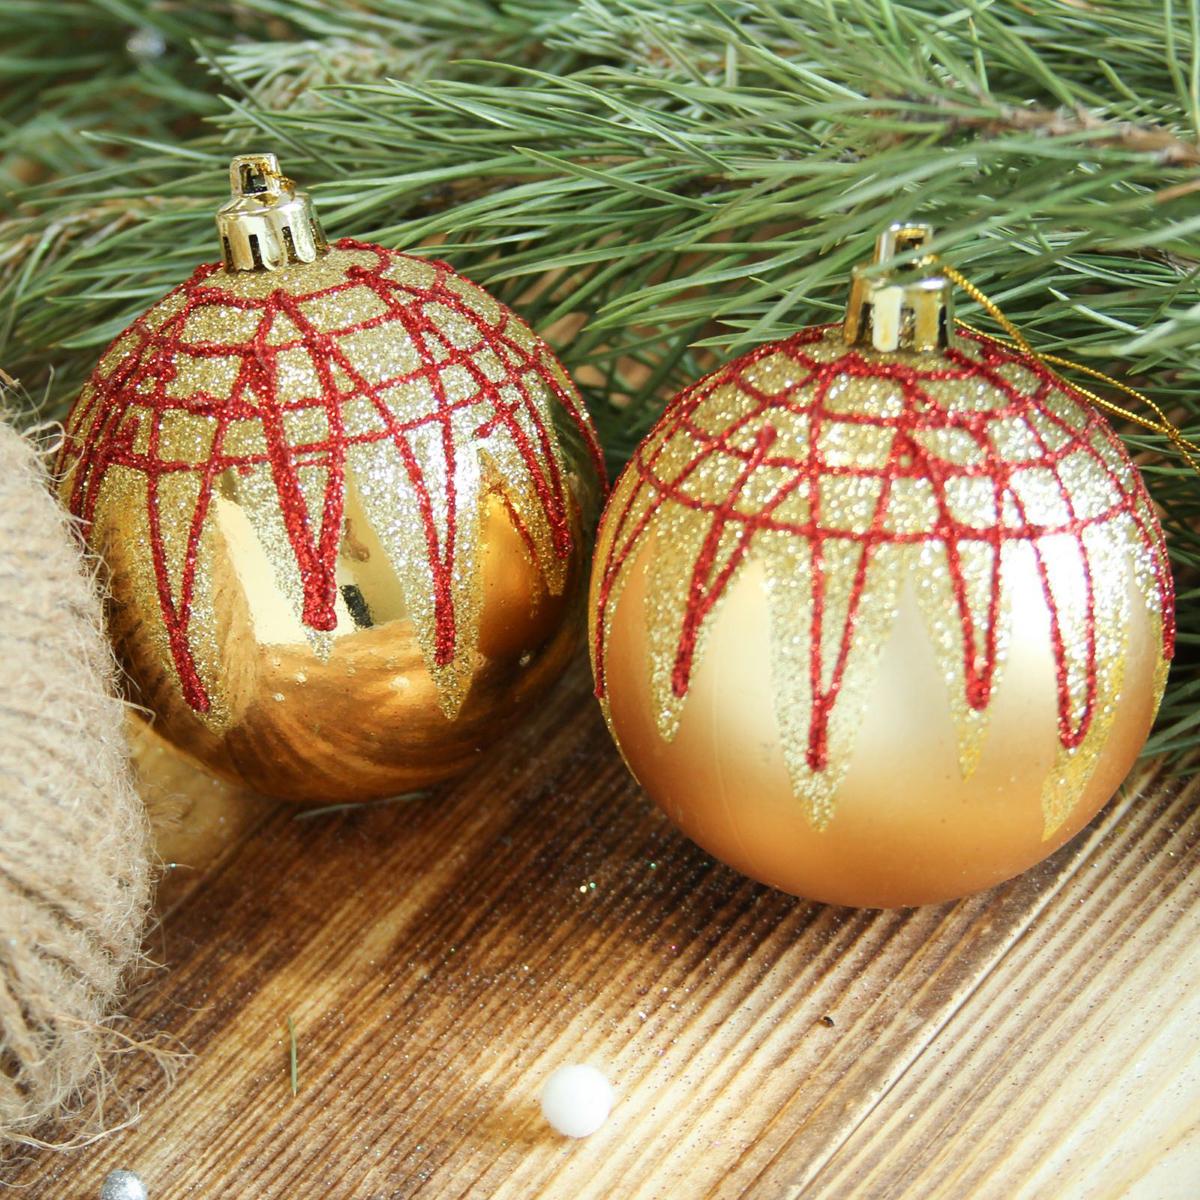 Набор новогодних подвесных украшений Sima-land Блюз, цвет: желтый, диаметр 7 см, 6 шт2122936Набор новогодних подвесных украшений Sima-land отлично подойдет для декорации вашего дома и новогодней ели. С помощью специальной петельки украшение можно повесить в любом понравившемся вам месте. Но, конечно, удачнее всего оно будет смотреться на праздничной елке. Елочная игрушка - символ Нового года. Она несет в себе волшебство и красоту праздника. Создайте в своем доме атмосферу веселья и радости, украшая новогоднюю елку нарядными игрушками, которые будут из года в год накапливать теплоту воспоминаний.